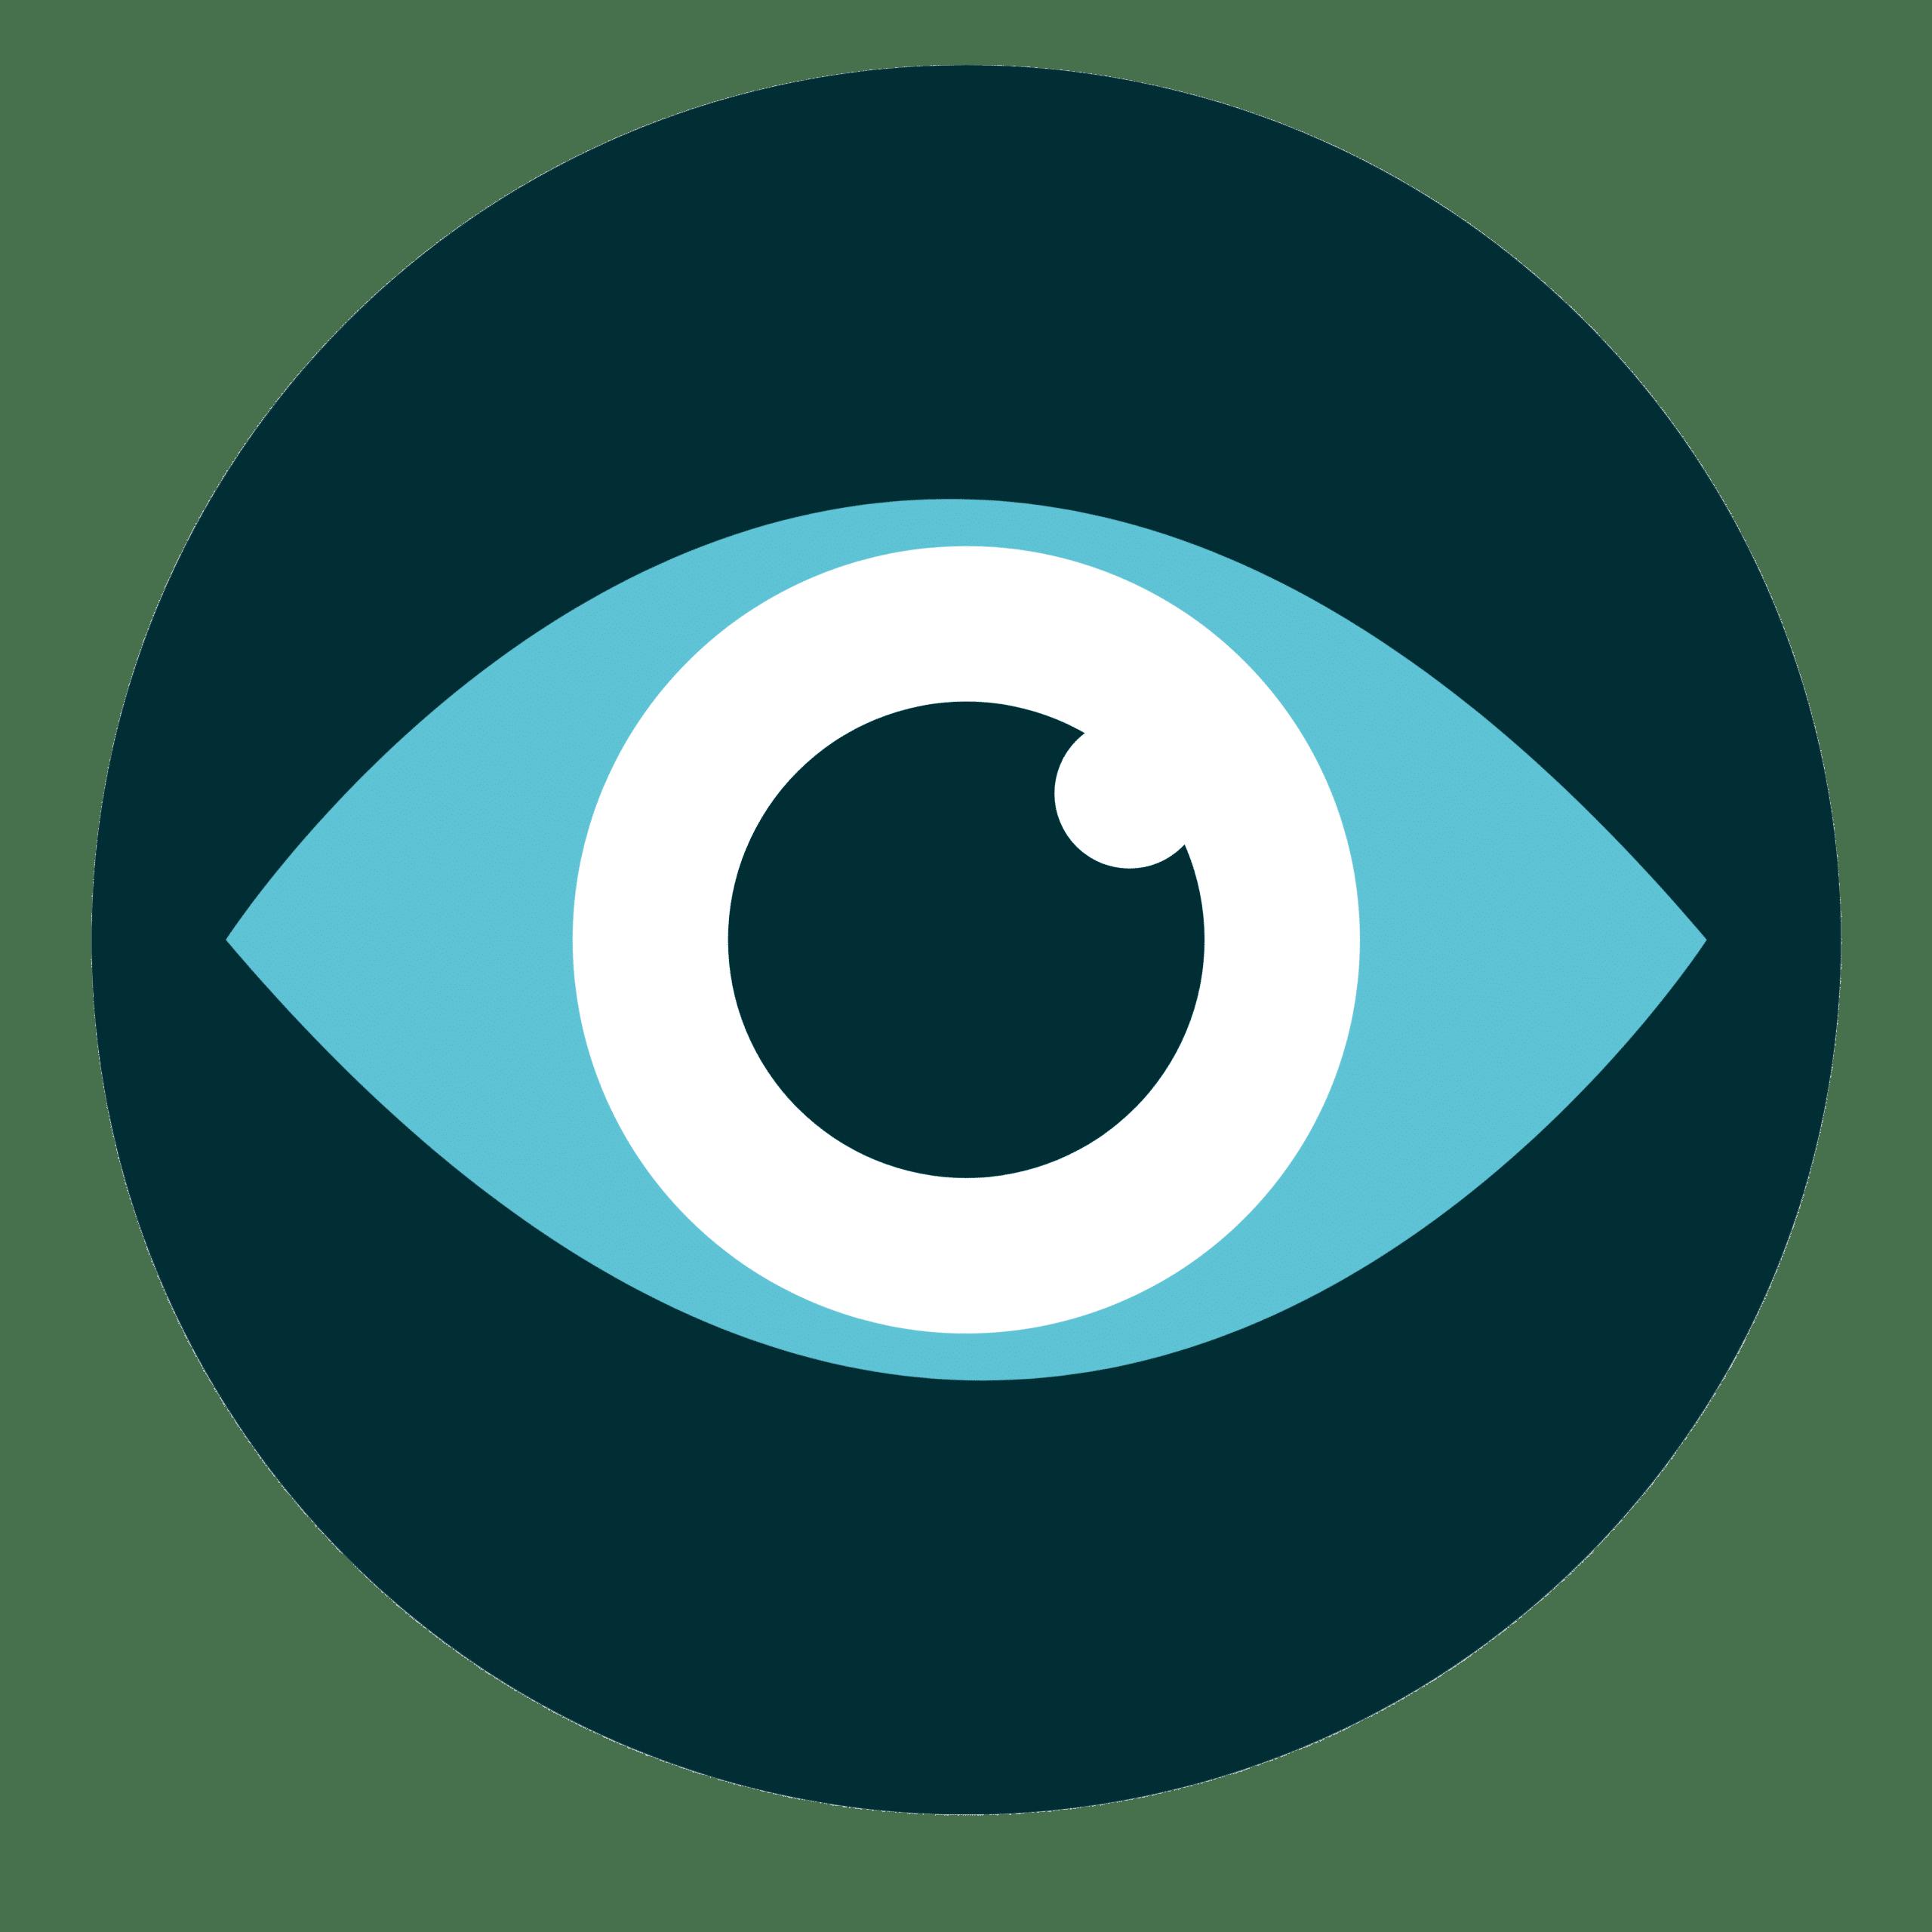 vidéoconsult icone avec un oeil